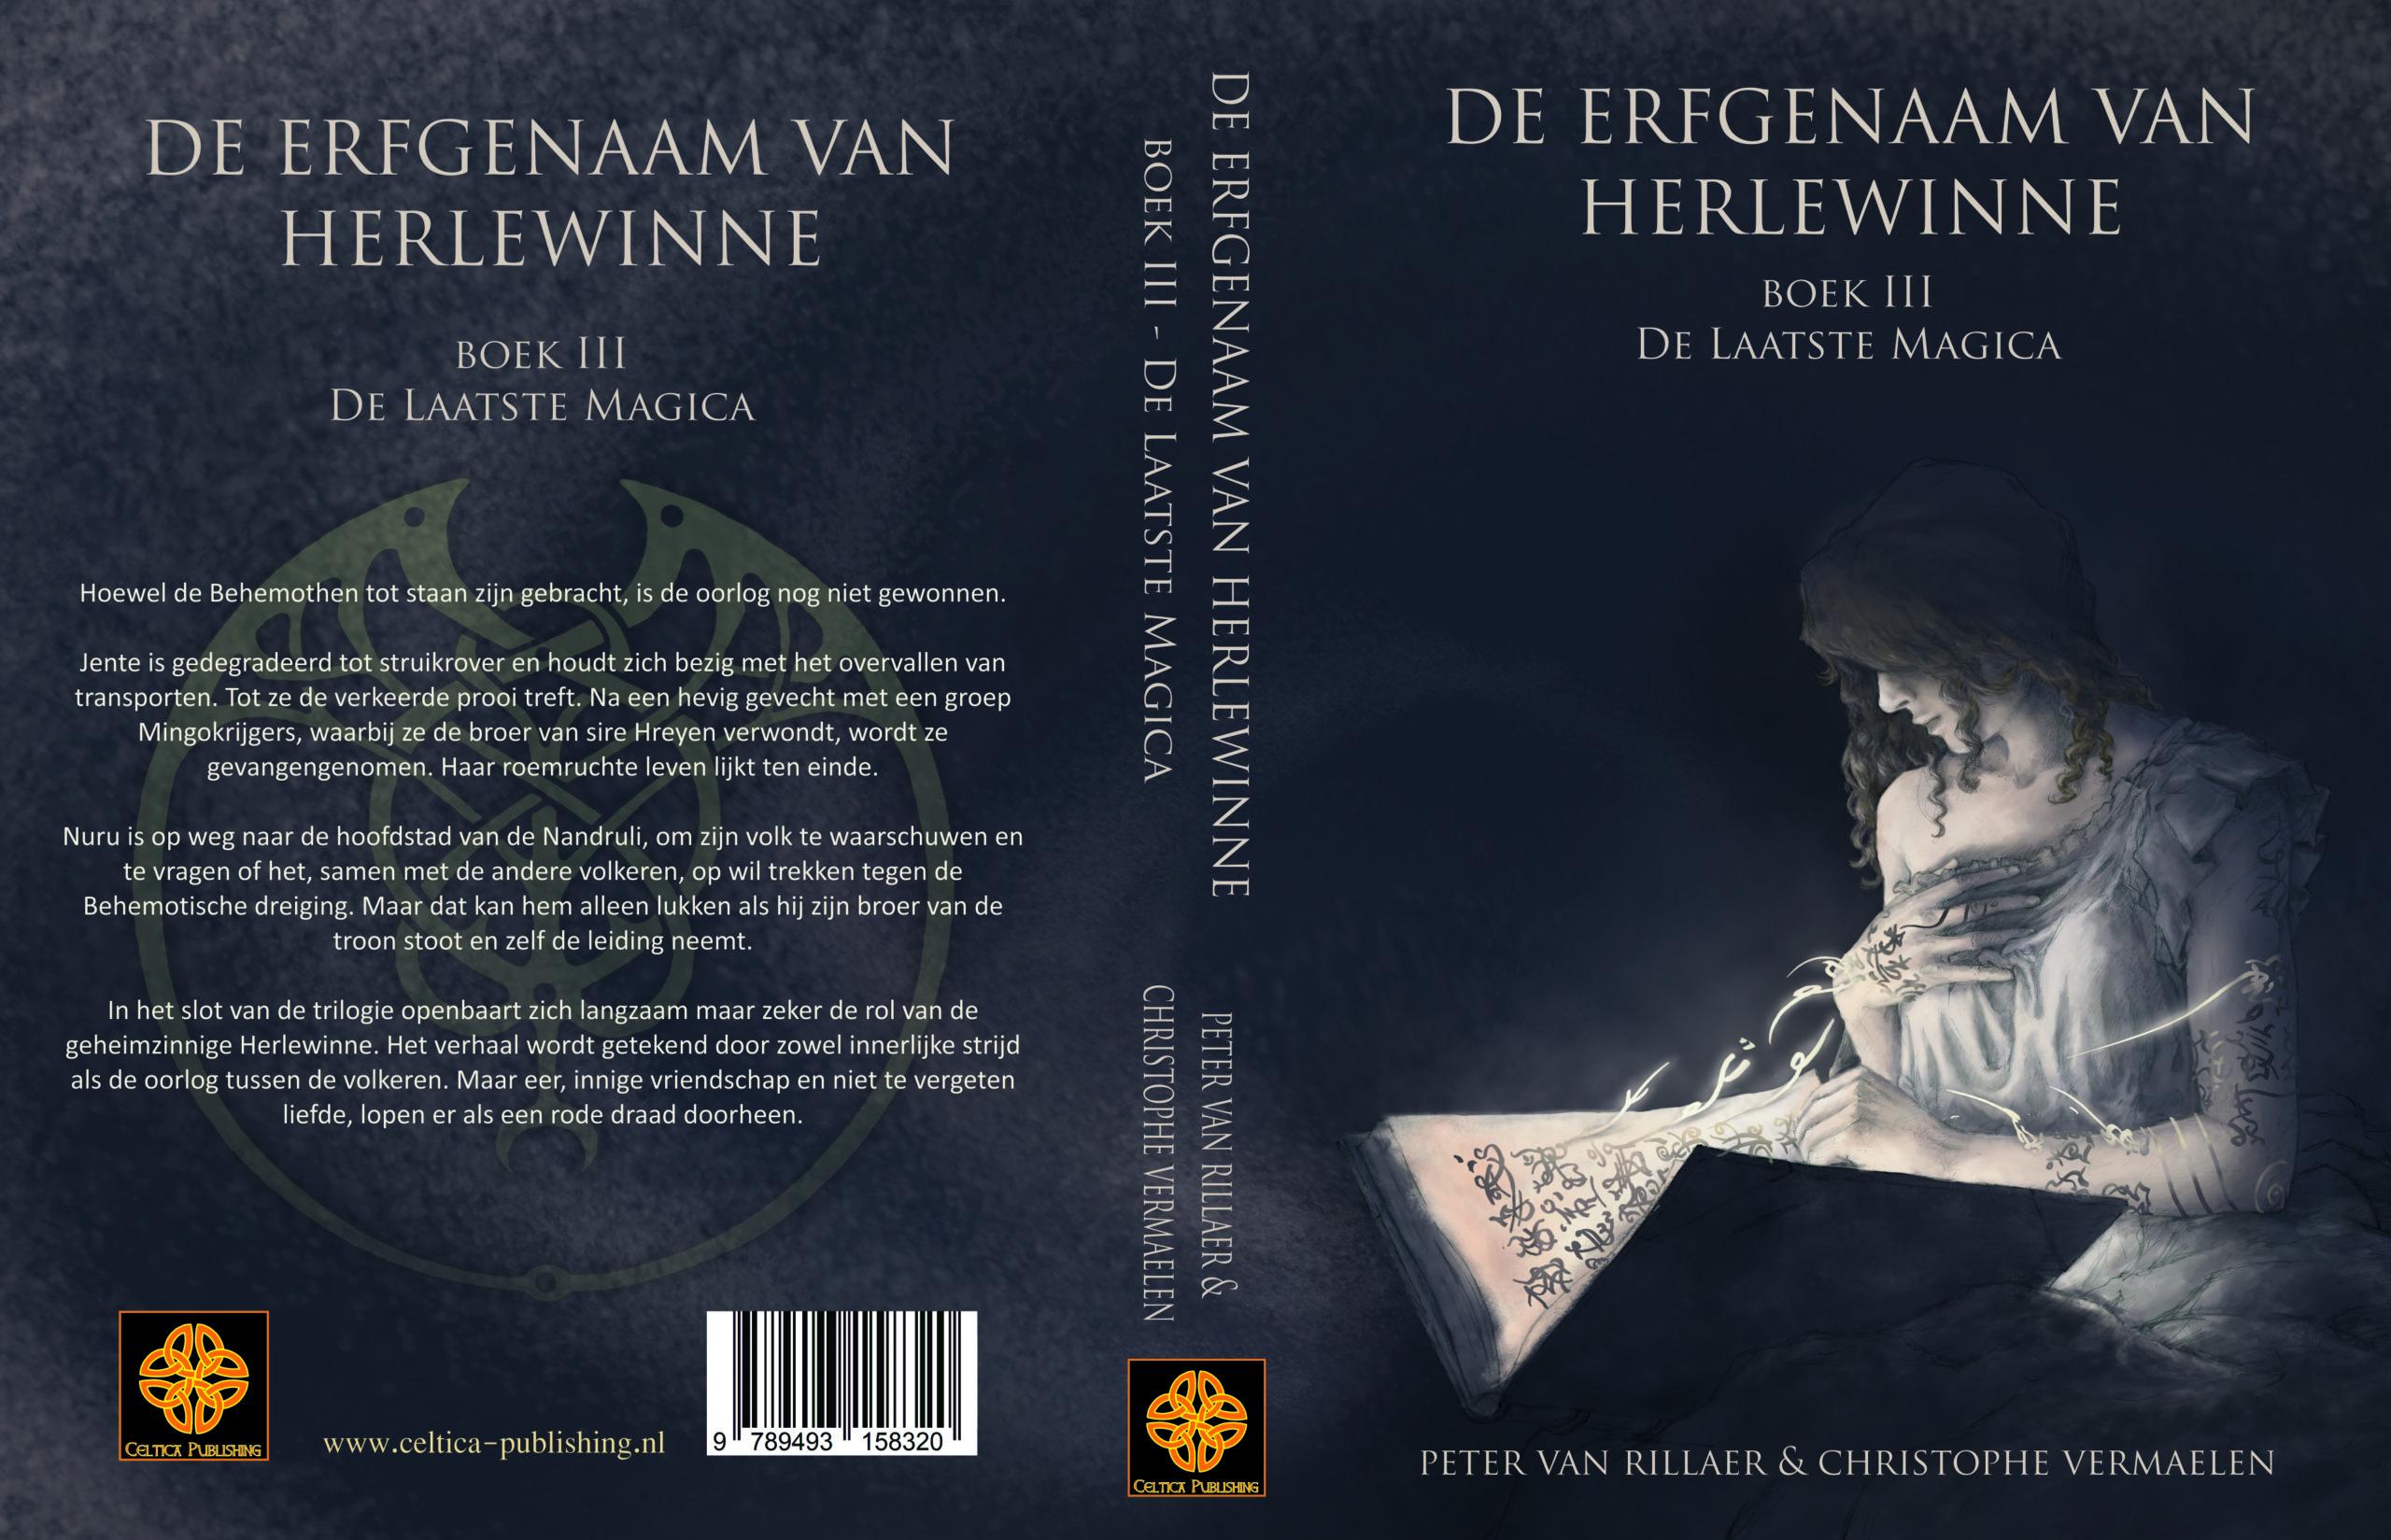 Omslag De erfgenaam van Herlewinne, III